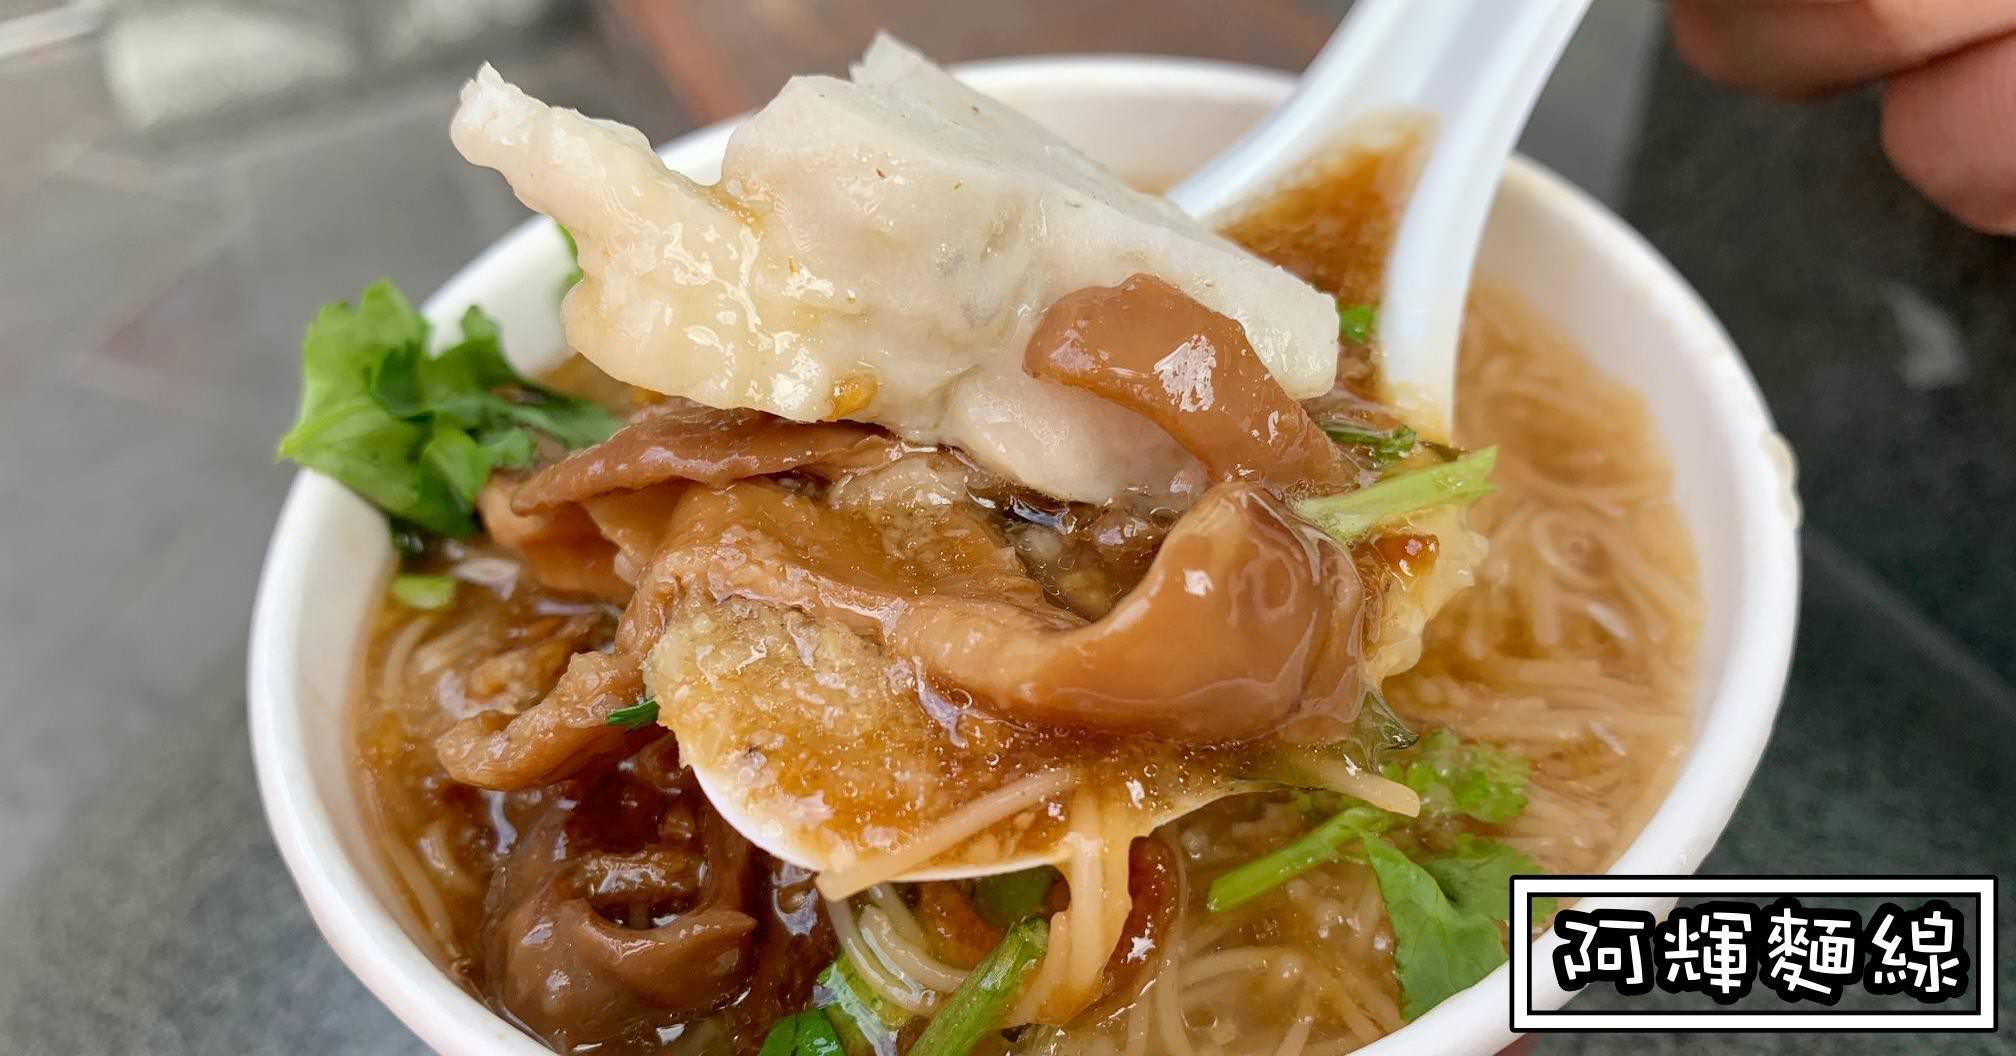 阿輝麵線|士林夜市美食-爽吃一碗只要$30 米其林指南推薦 士林慈誠宮小吃